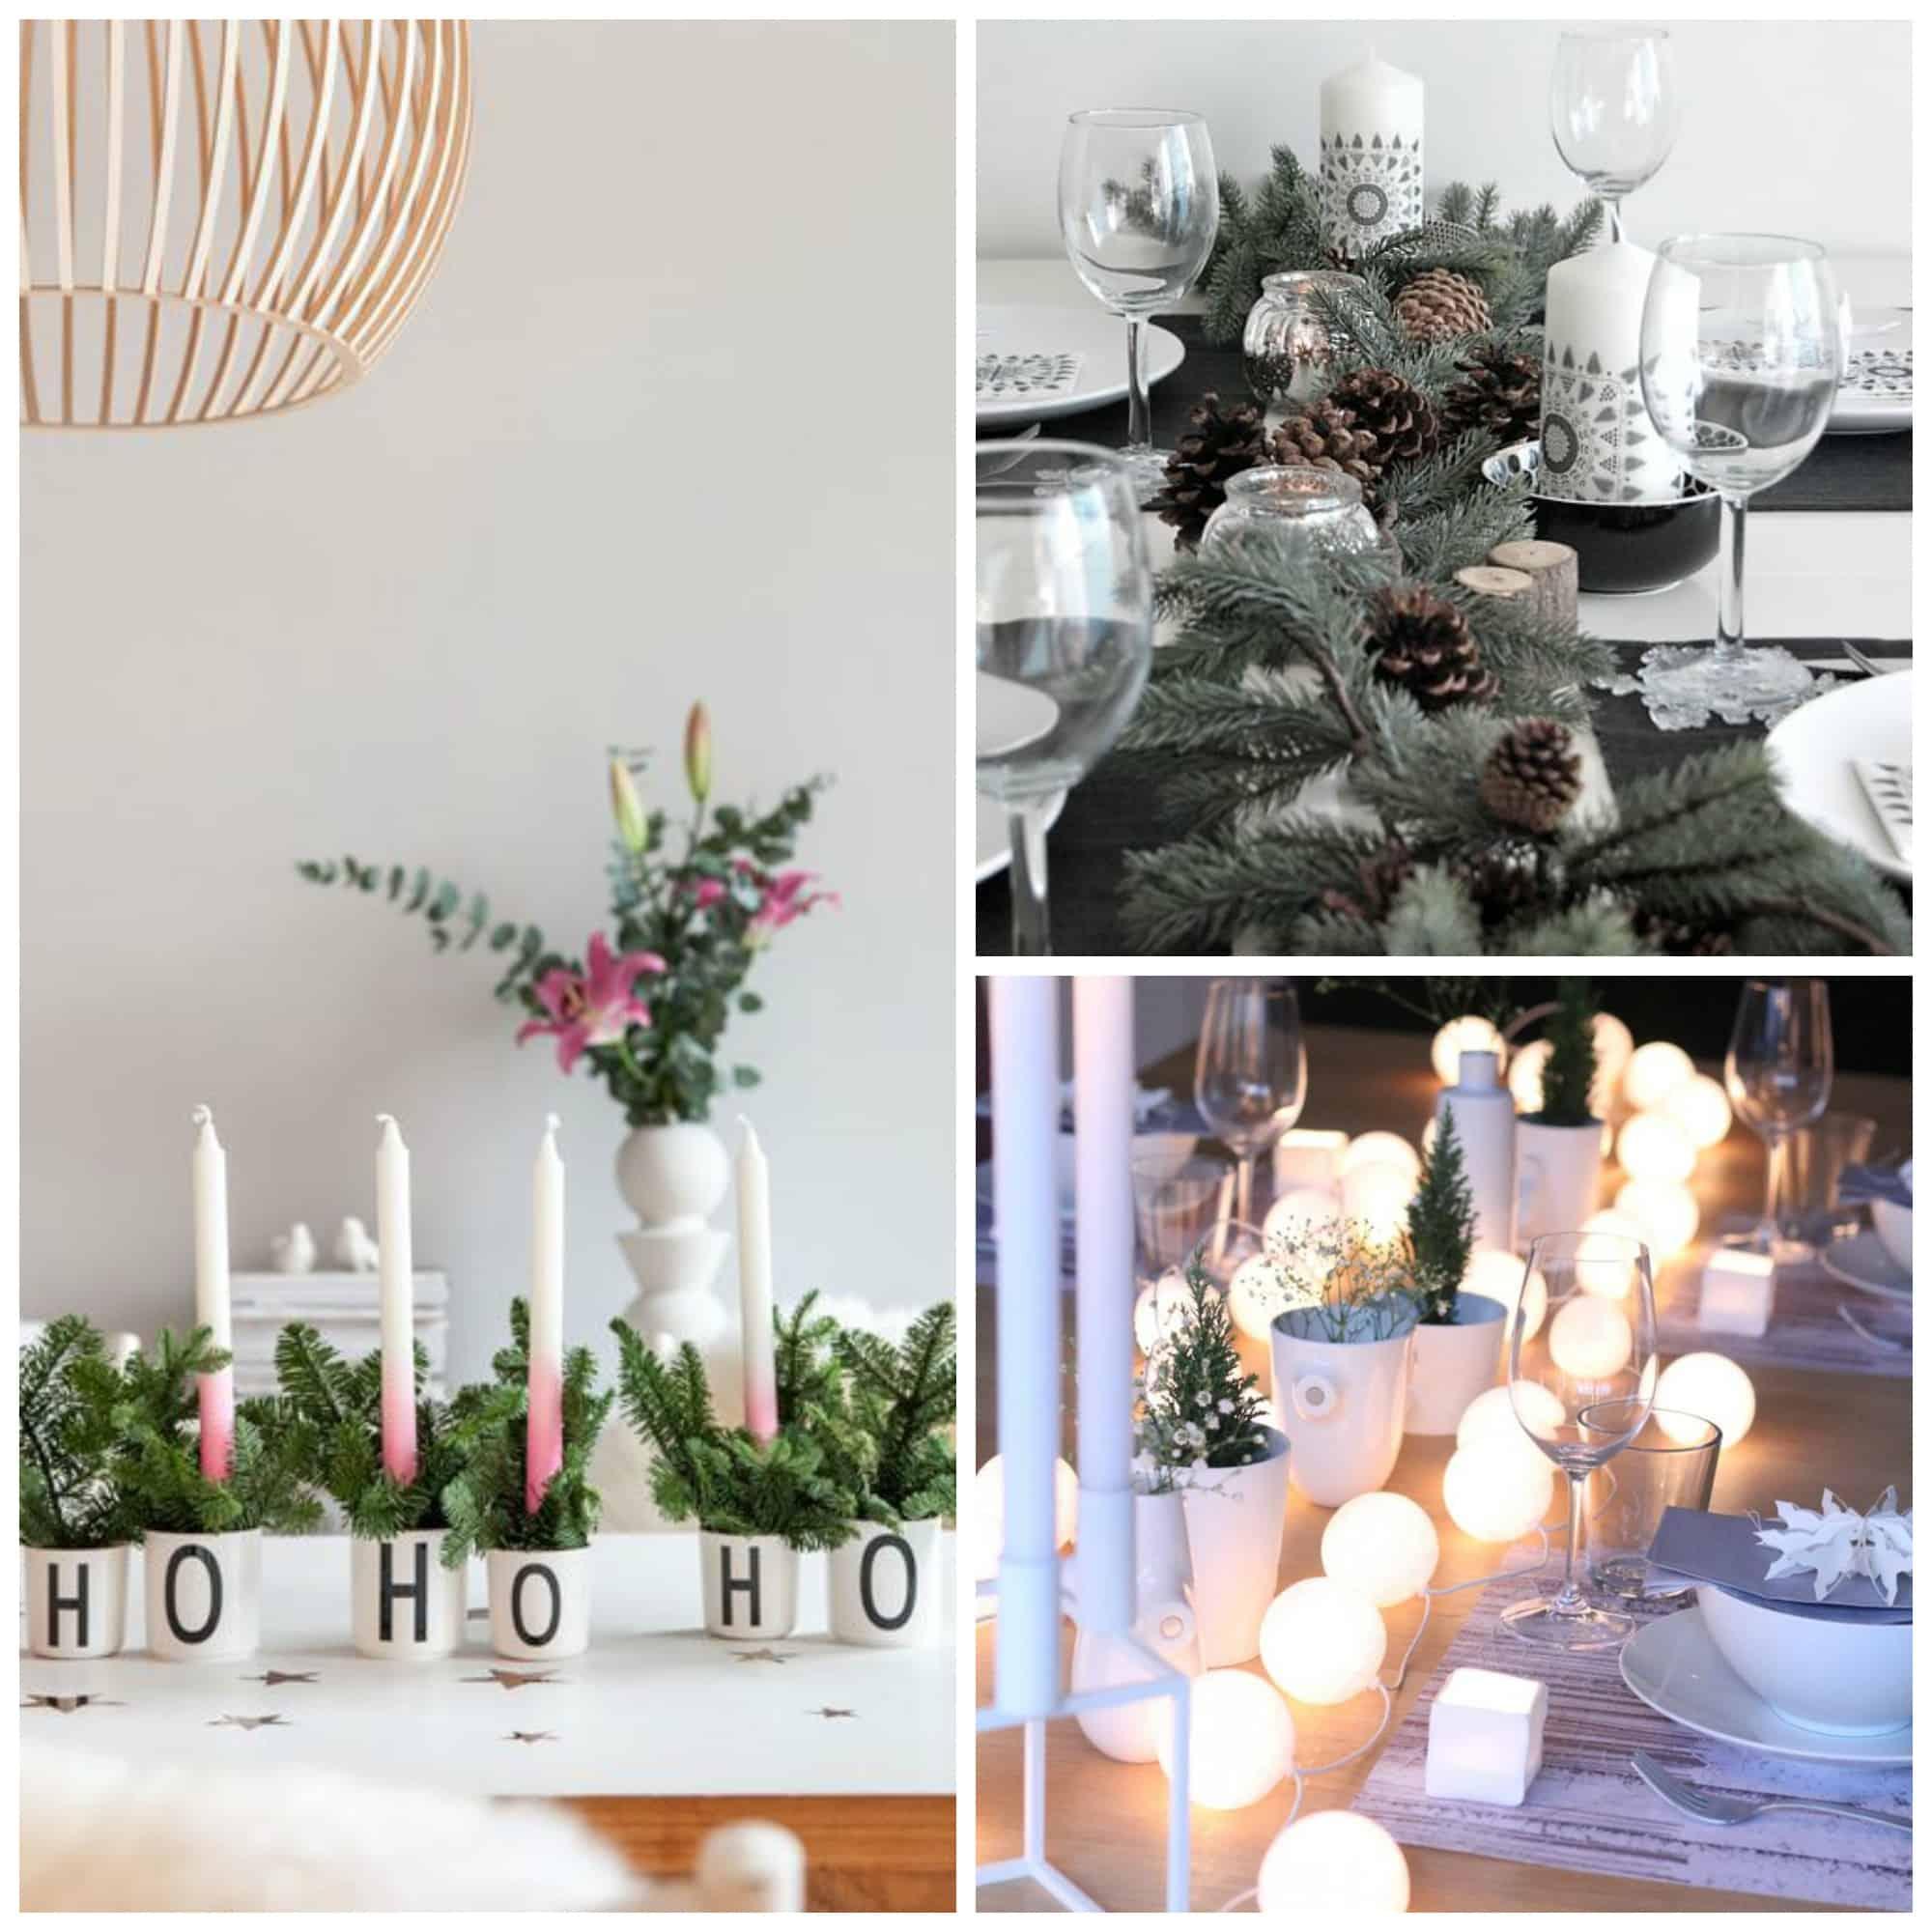 Natale fai da te 10 idee last minute decori per la casa e idee regalo tuttoferramenta blog - Centro tavola natalizio fai da te ...